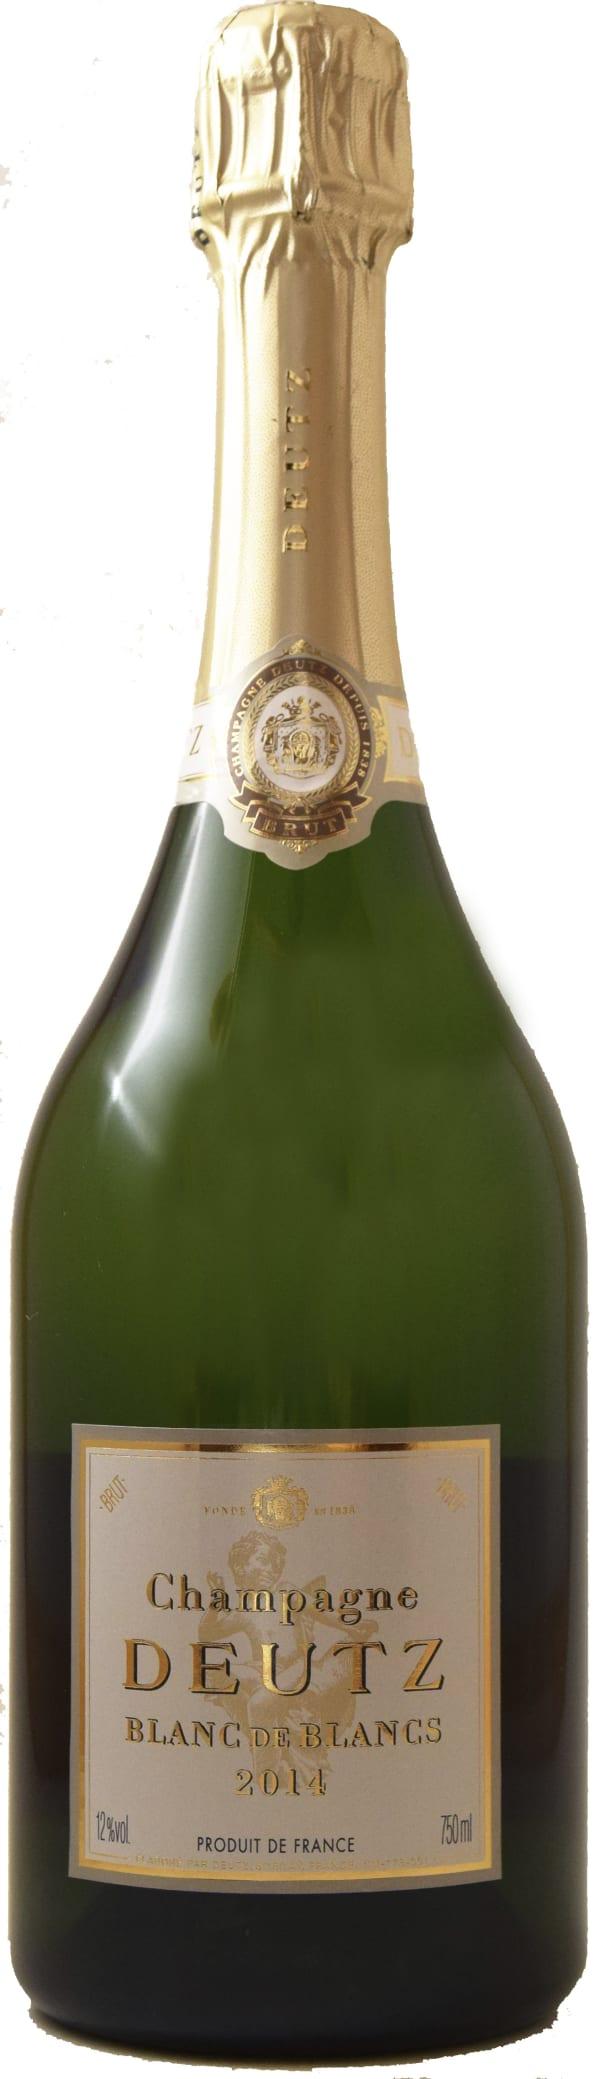 Deutz Blanc de Blancs Champagne Brut 2011